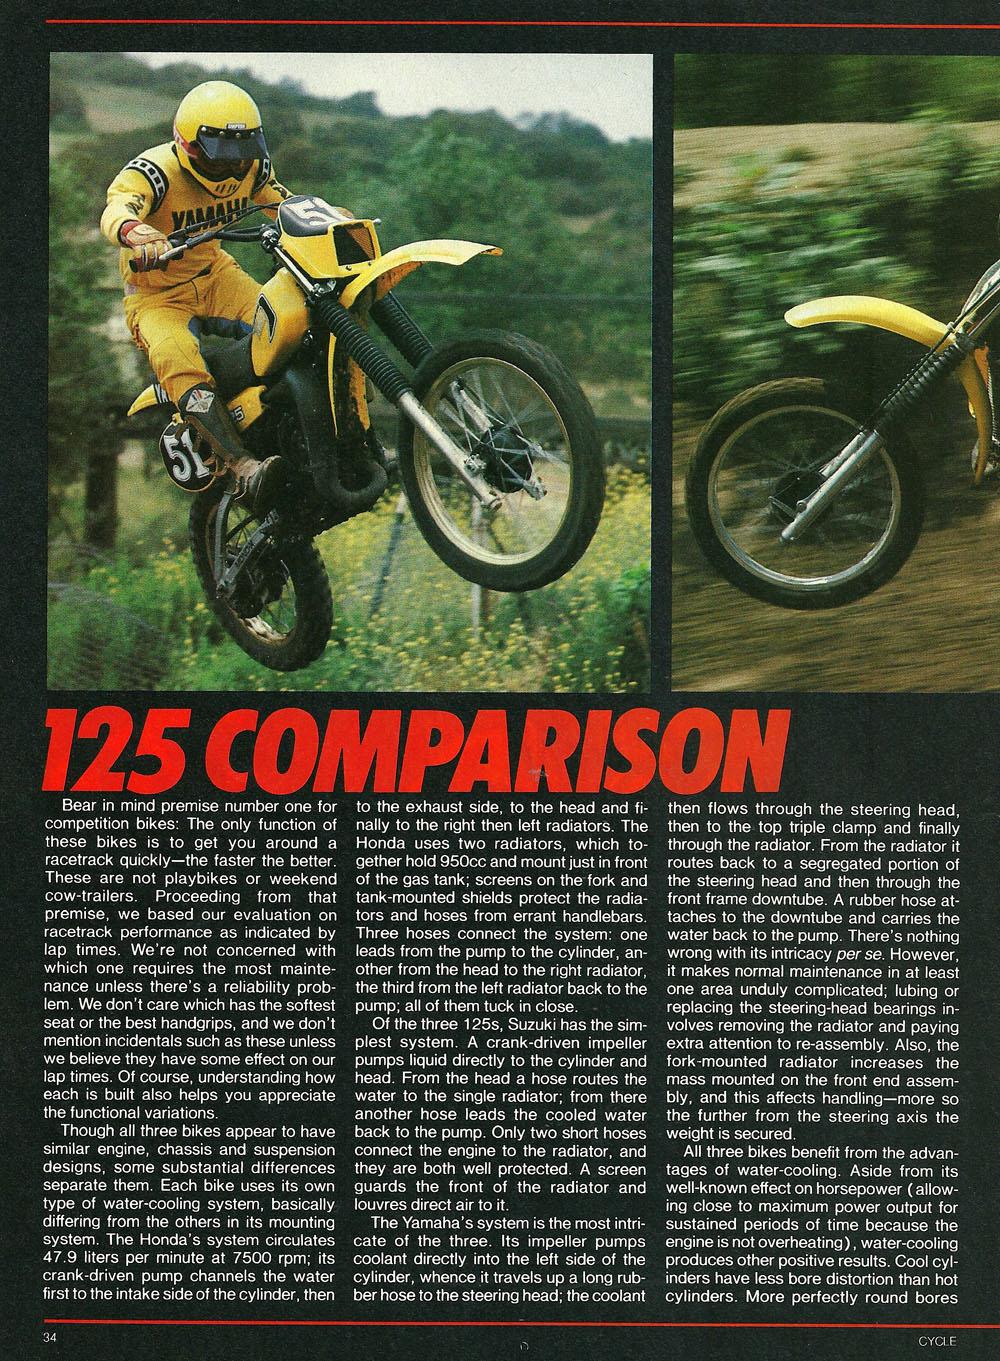 1981 CR125 RM125 YZ125 test 02.jpg